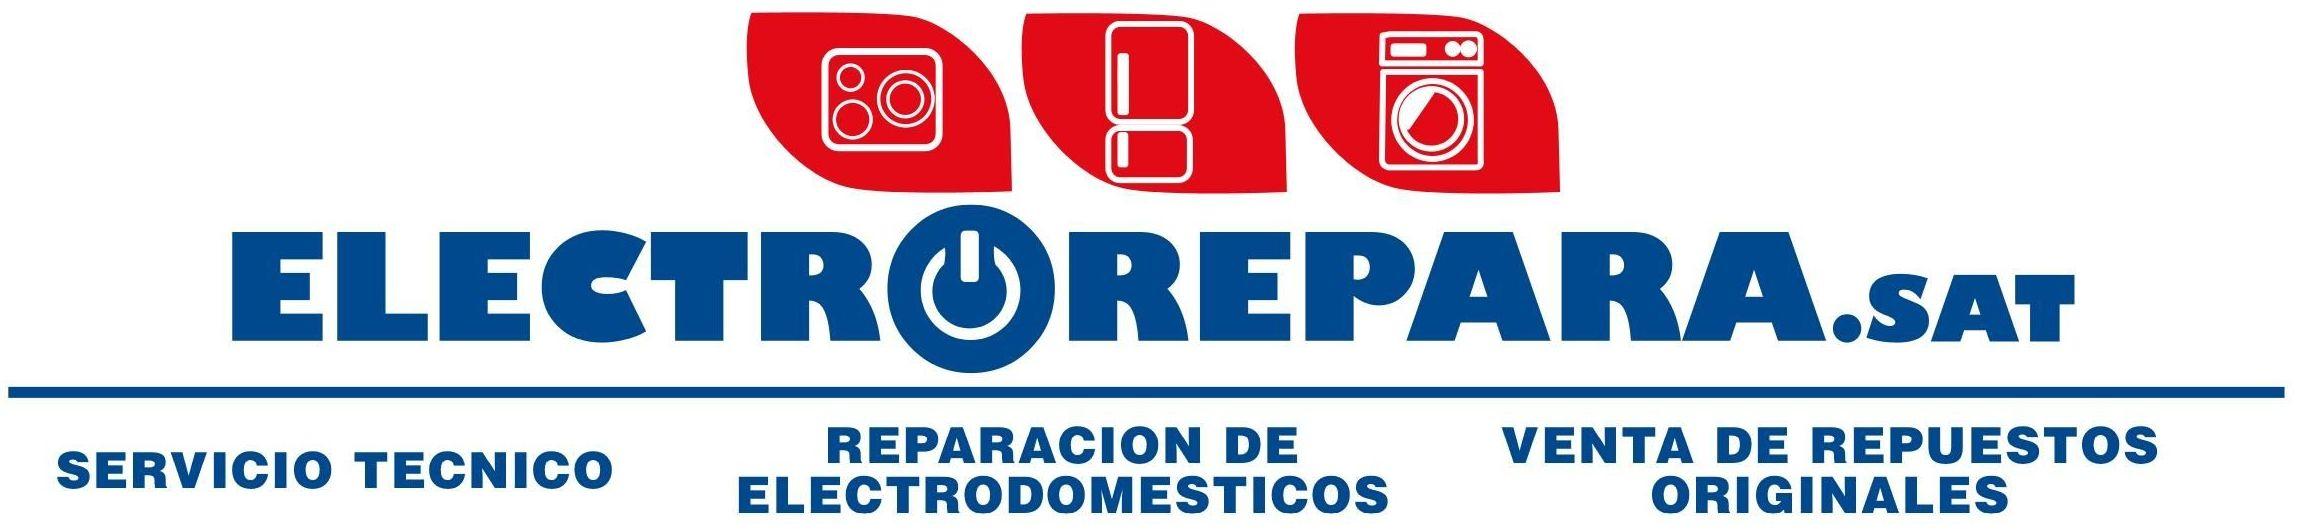 Reparación de electrodomésticos multimarca